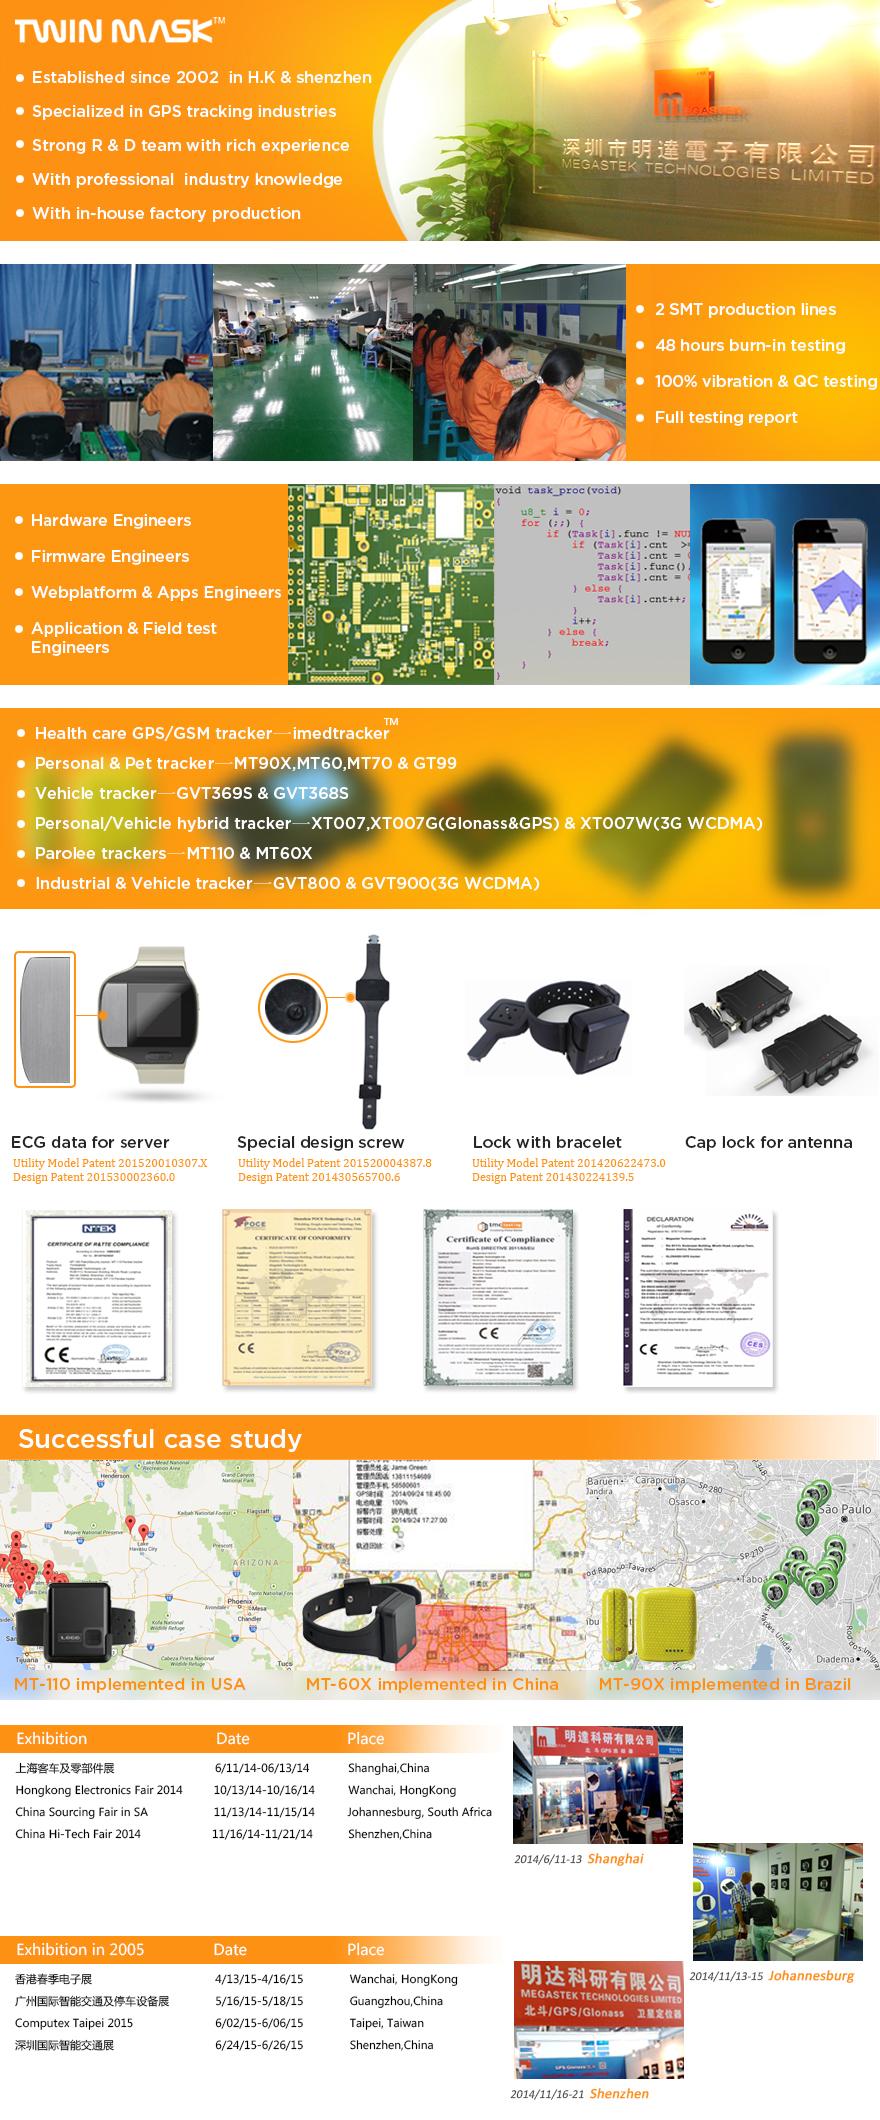 Gsm/gprs/gps draagbare voertuig tracker met 3g accelerometer, Cut externe uitschakelen alarm